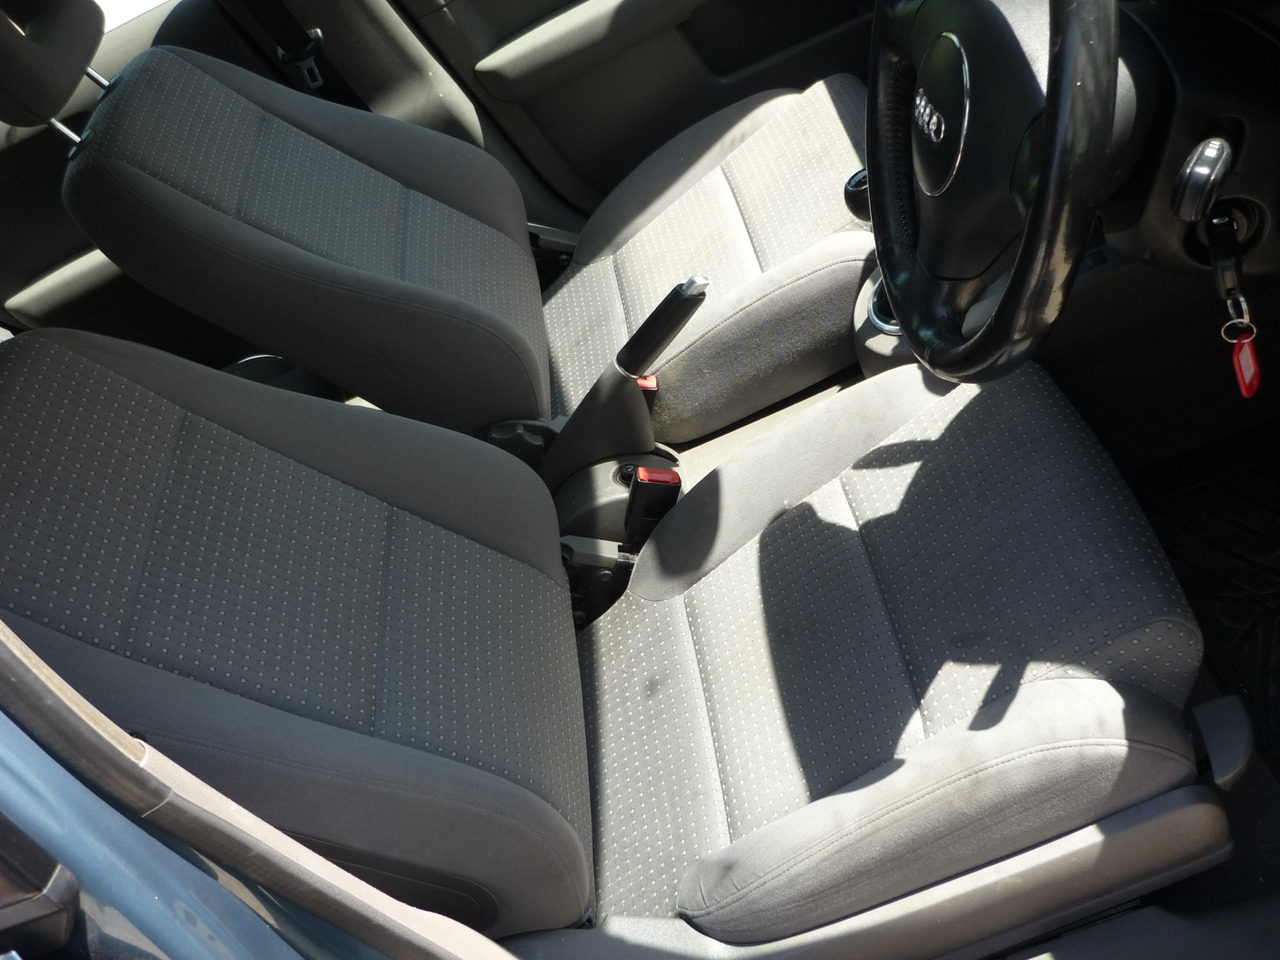 Dezmembrez Audi A2, 1.4 benzina, cod motor AUA, an 2002